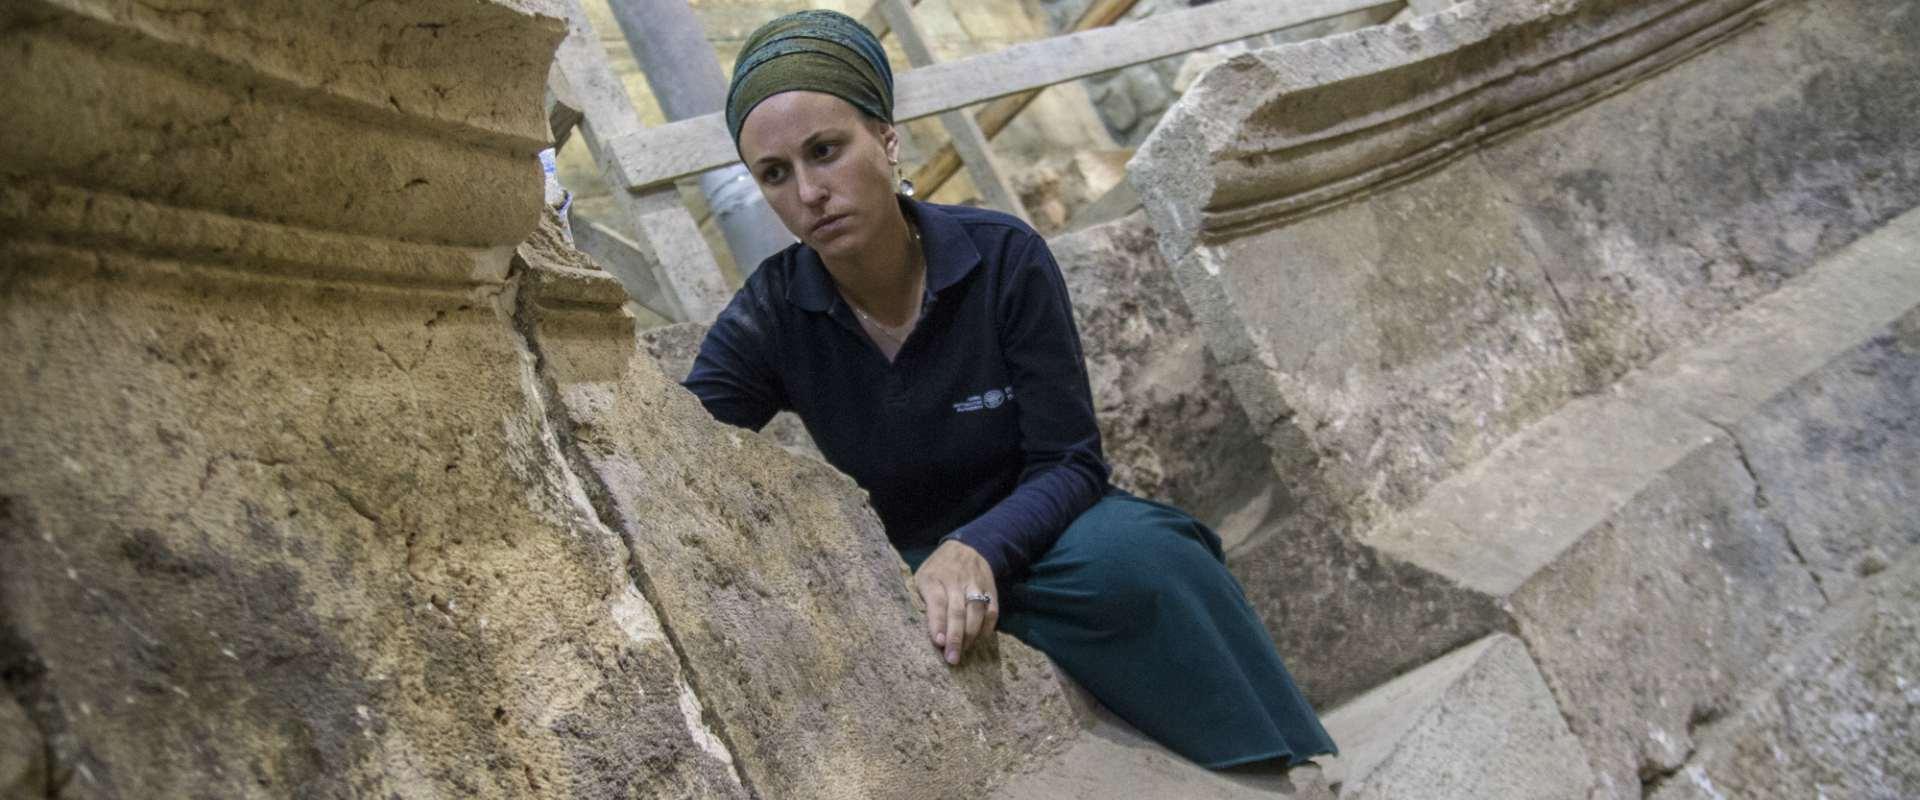 . ארכיאולוגית רשות העתיקות תהילה ליברמן במבנה התיא